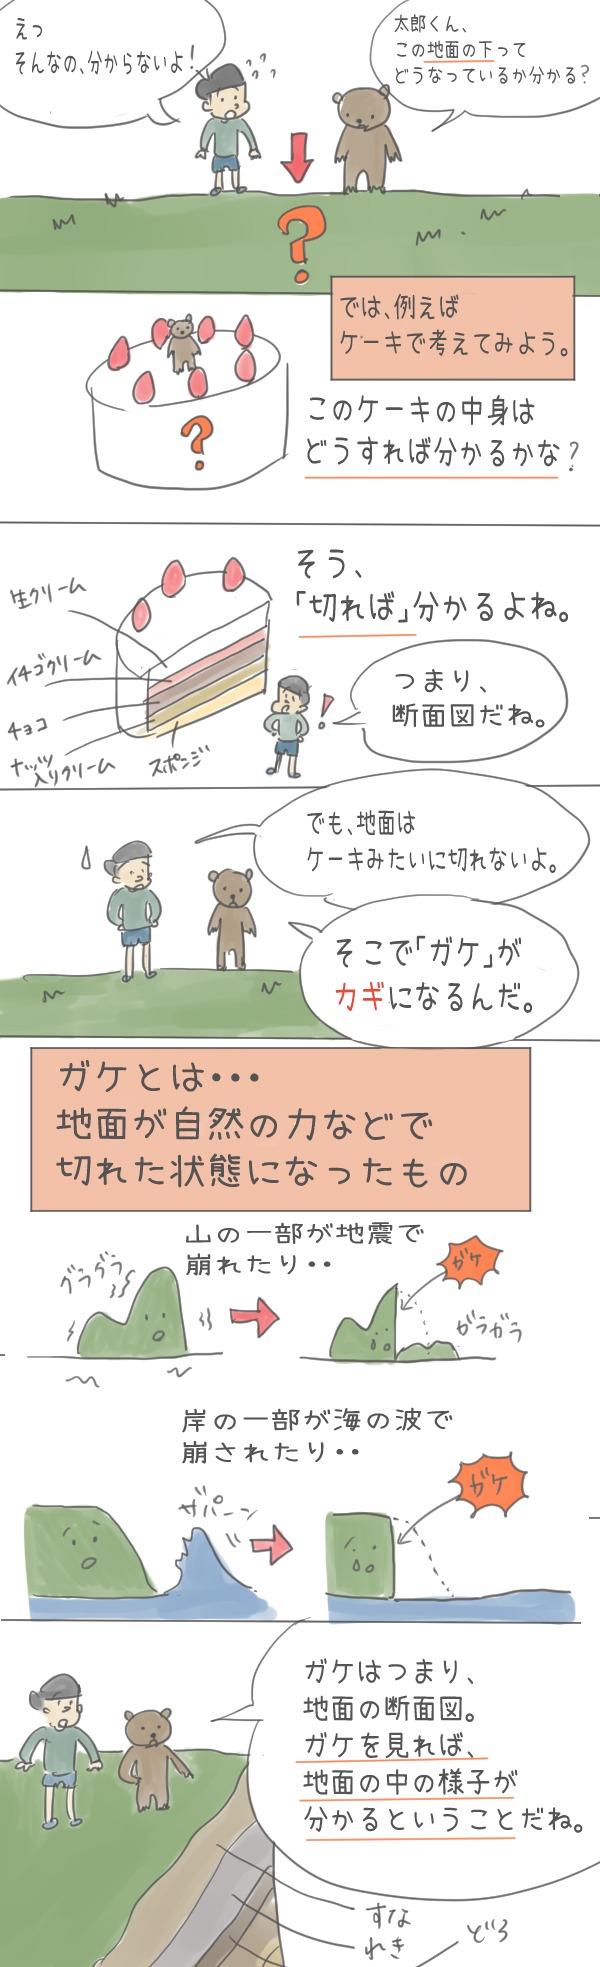 がけを見れば地面の中の様子が分かることを説明した漫画